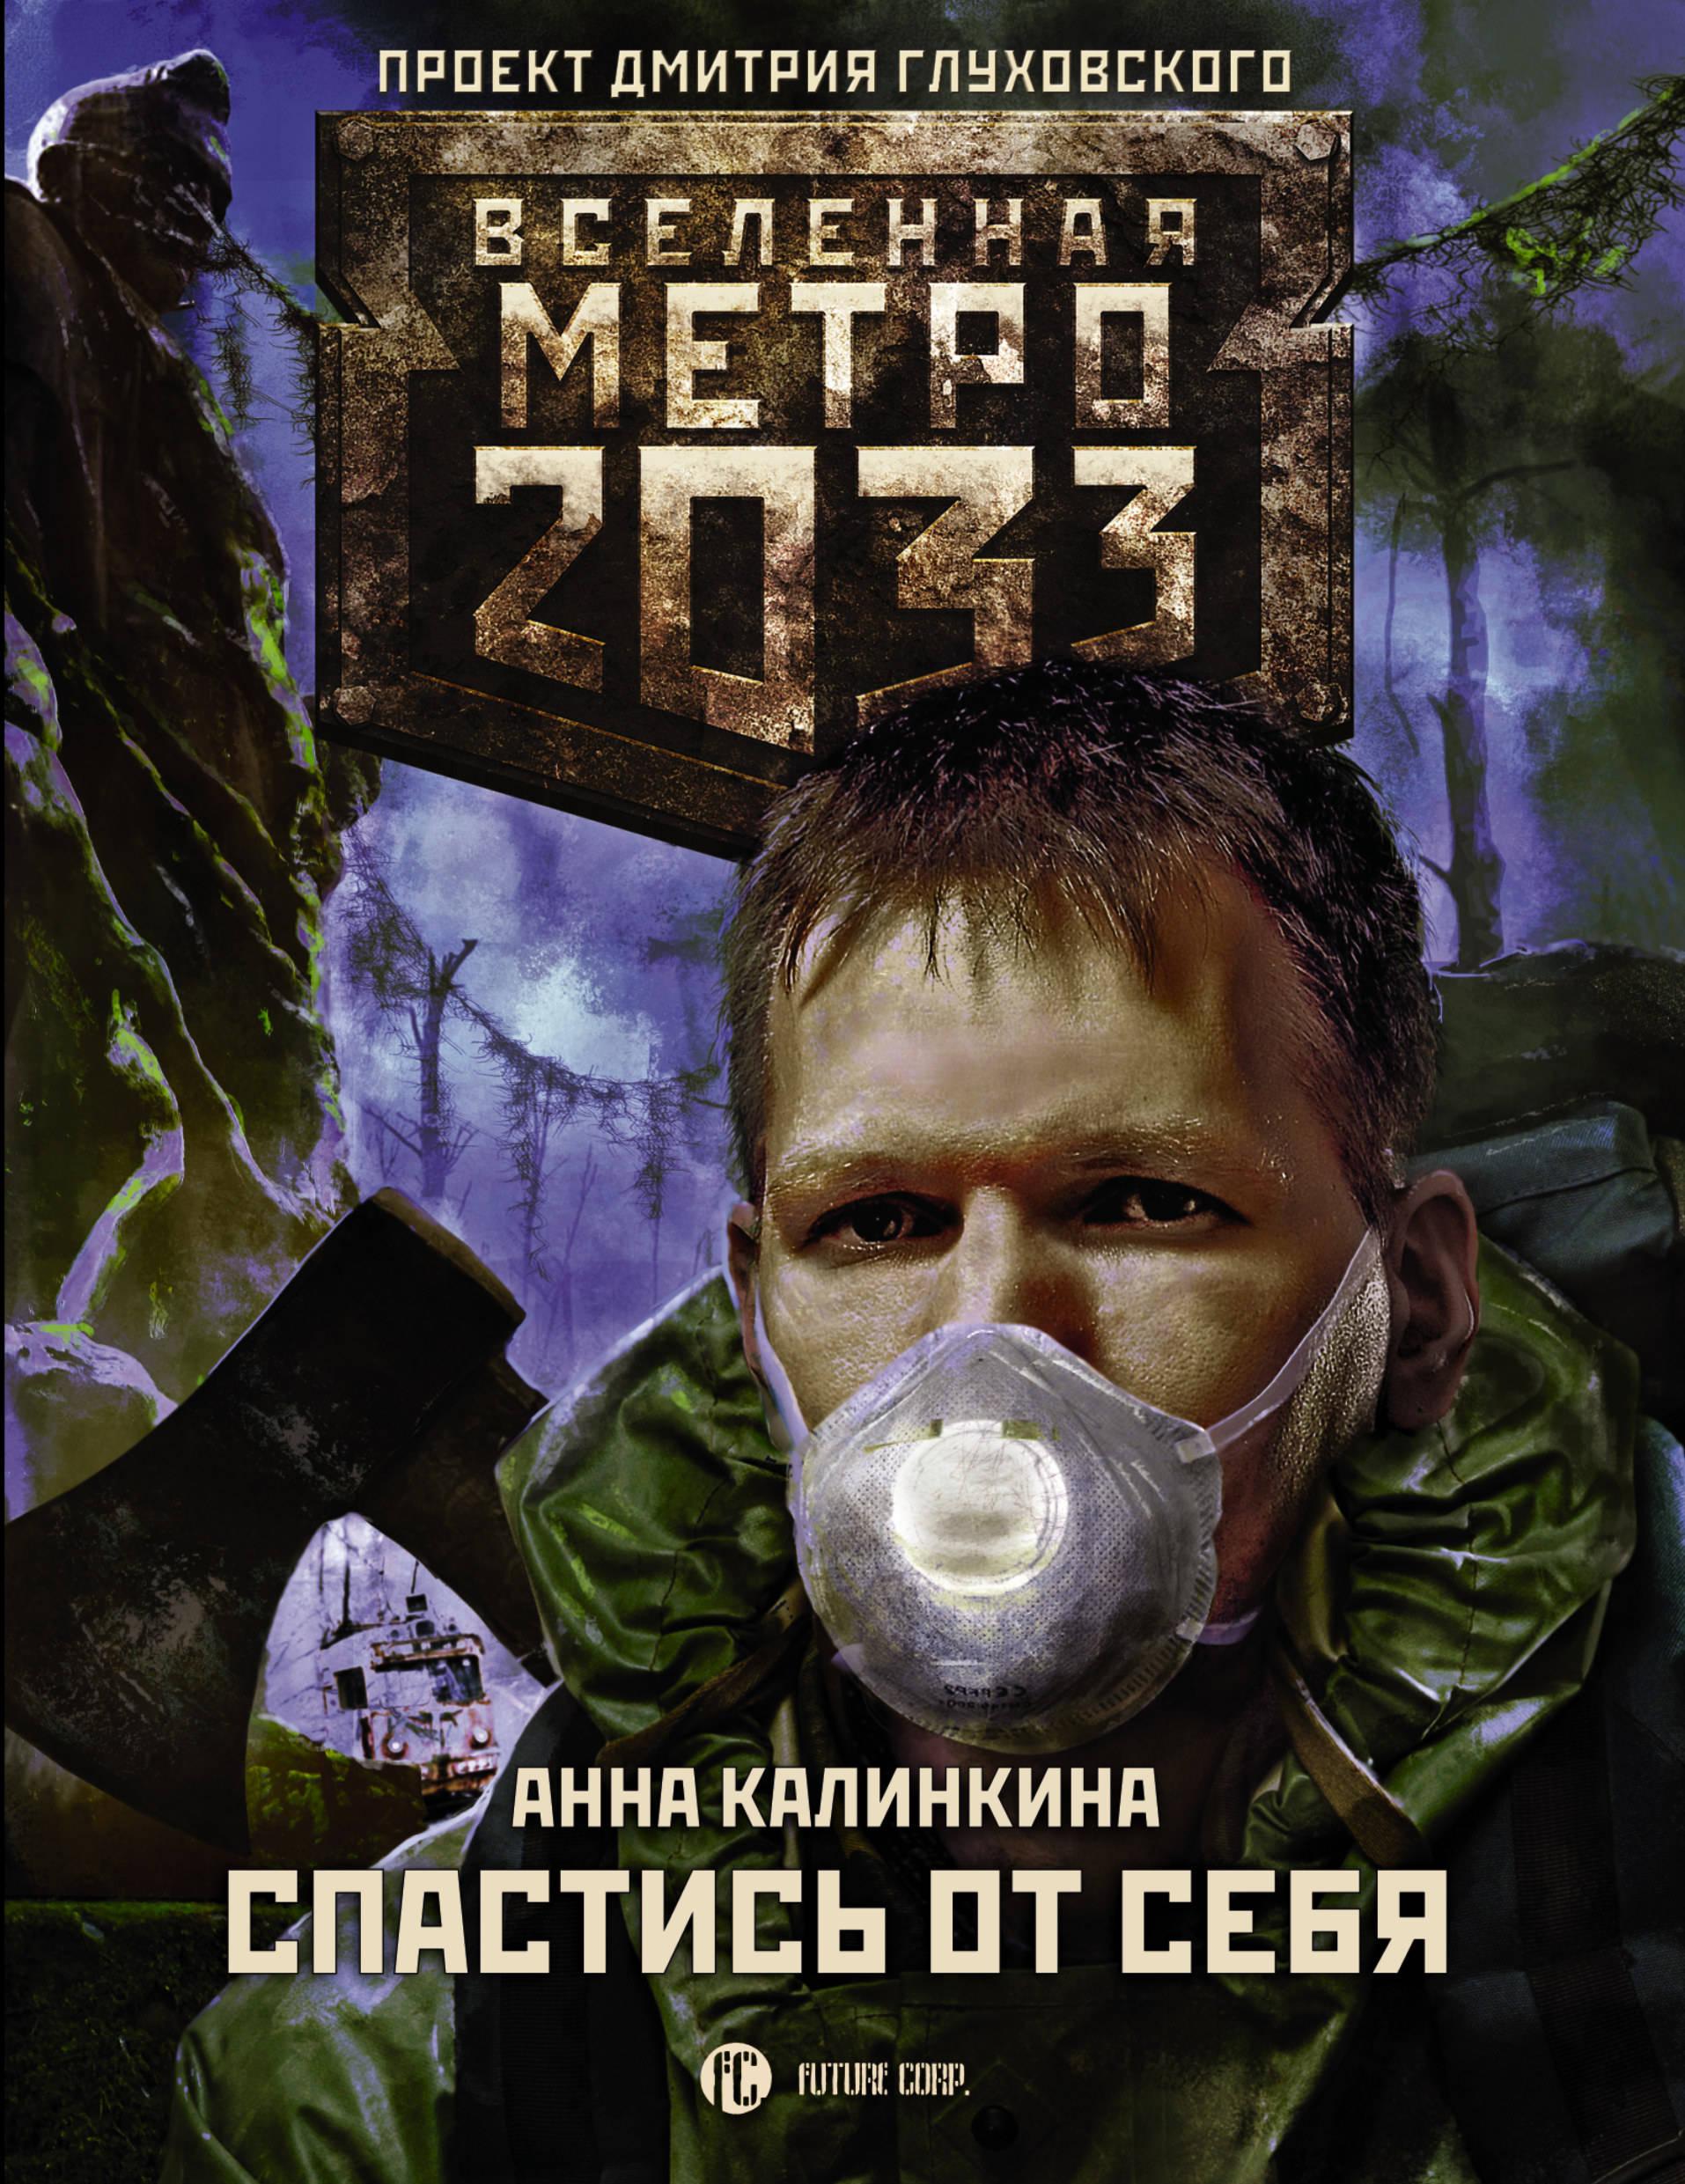 Калинкина А.В. Метро 2033: Спастись от себя сергей семенов метро 2033 о чем молчат выжившие сборник